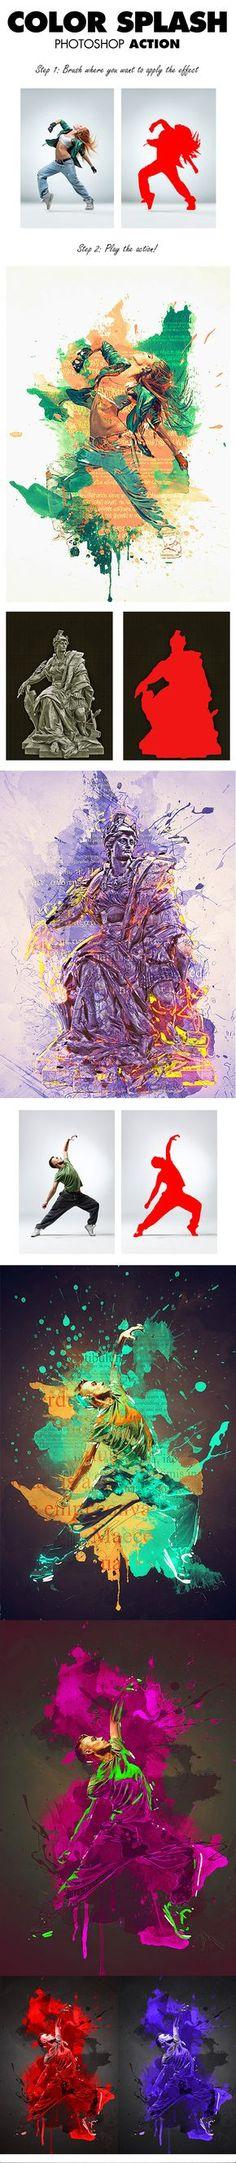 18-Color Splash Photoshop Action